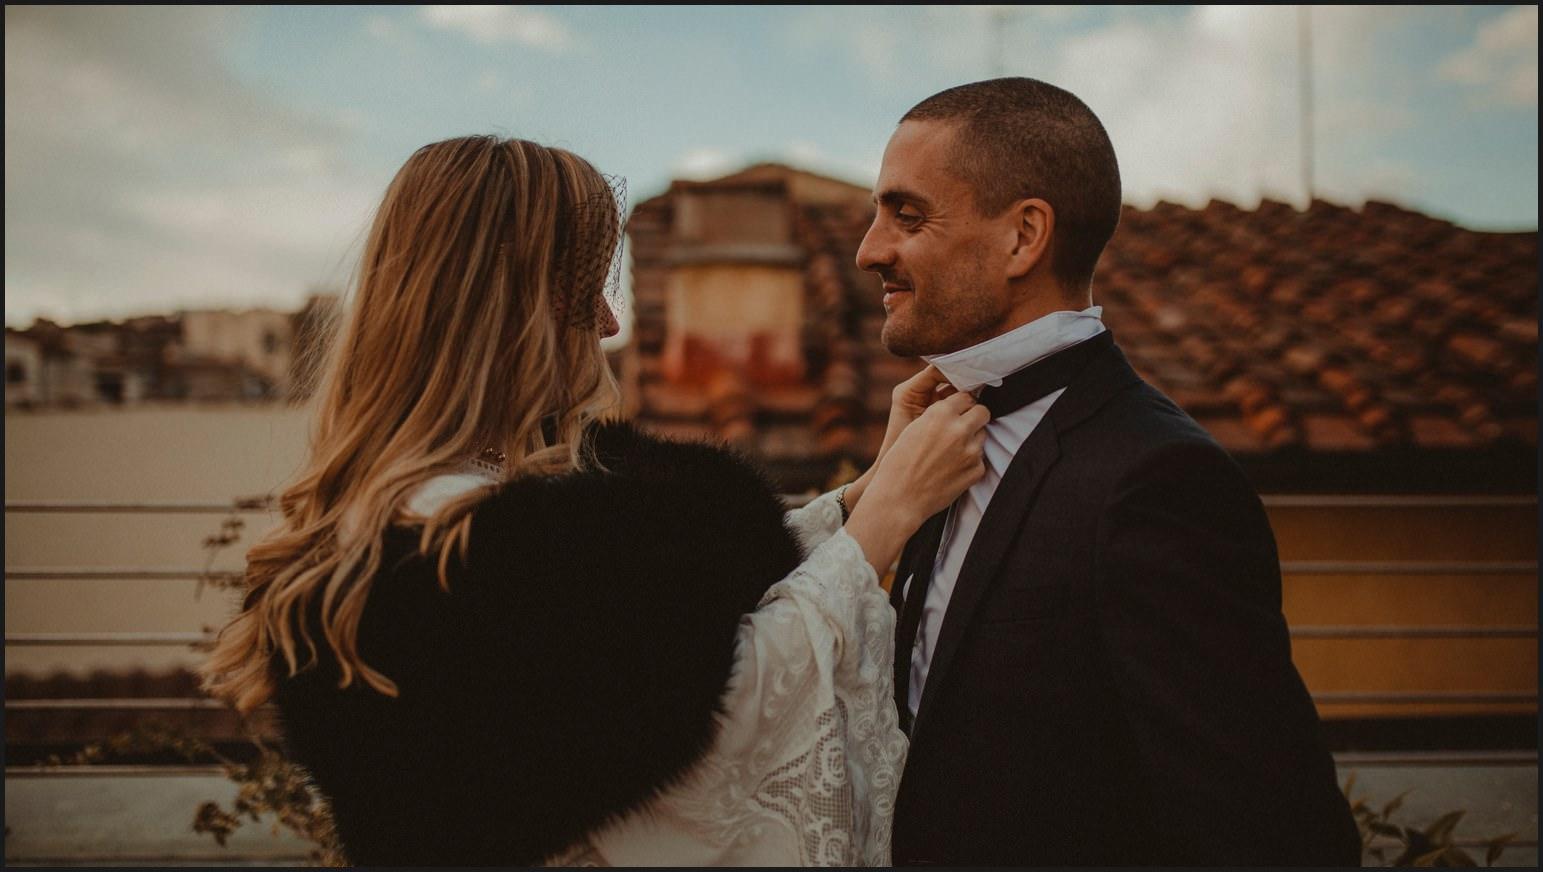 bride, groom, preparation, tie